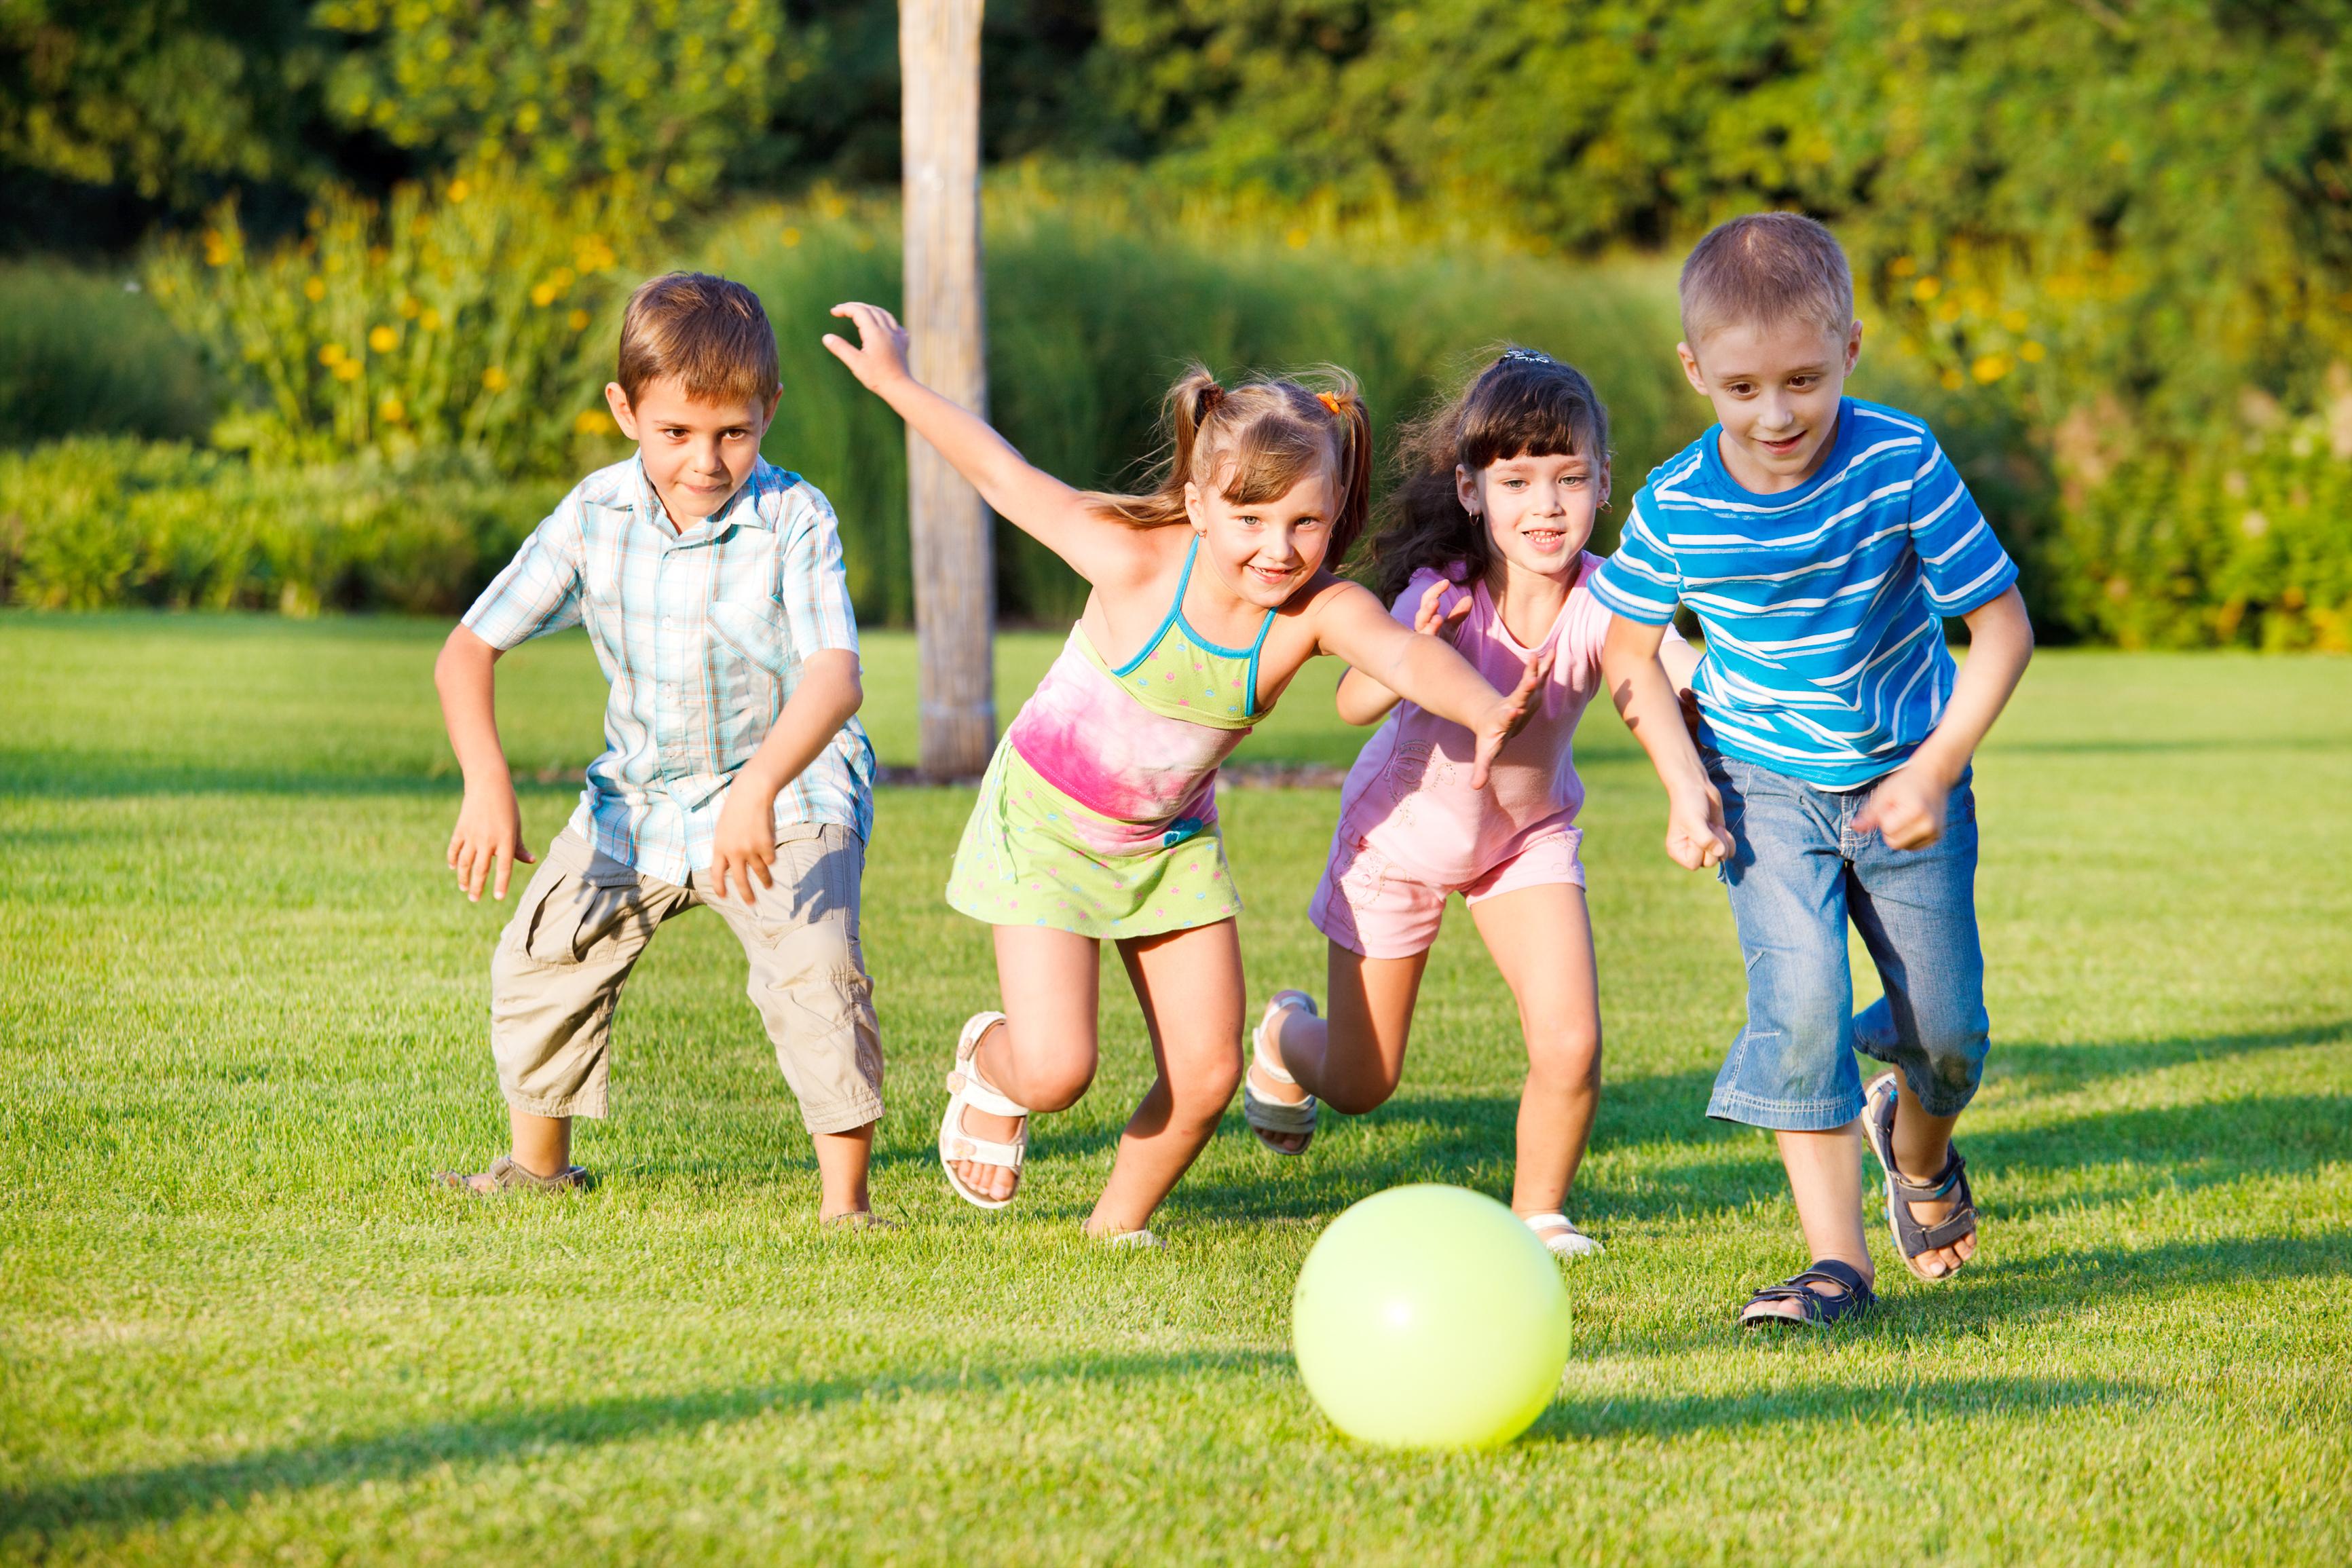 Η σημασία της άθλησης στα παιδια